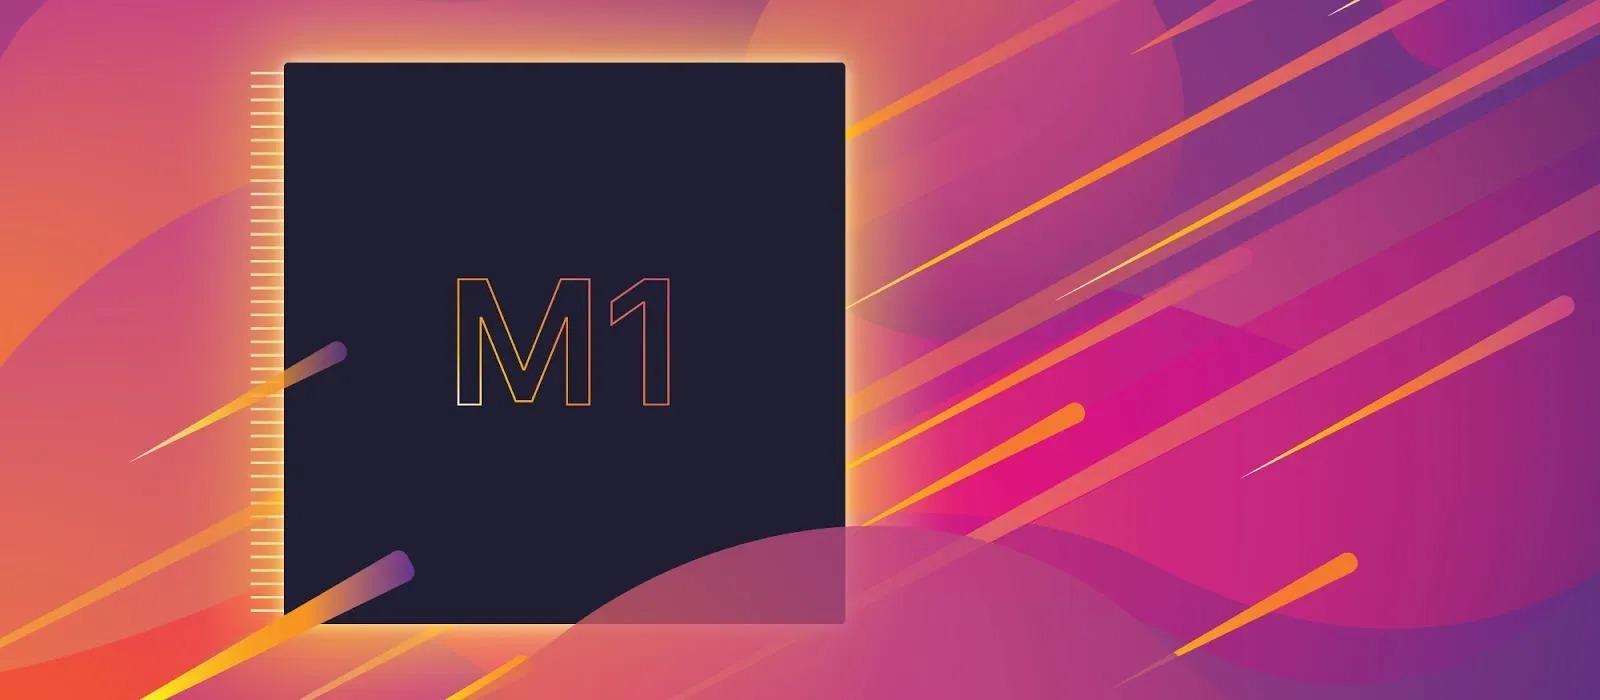 Adobe m1 apps